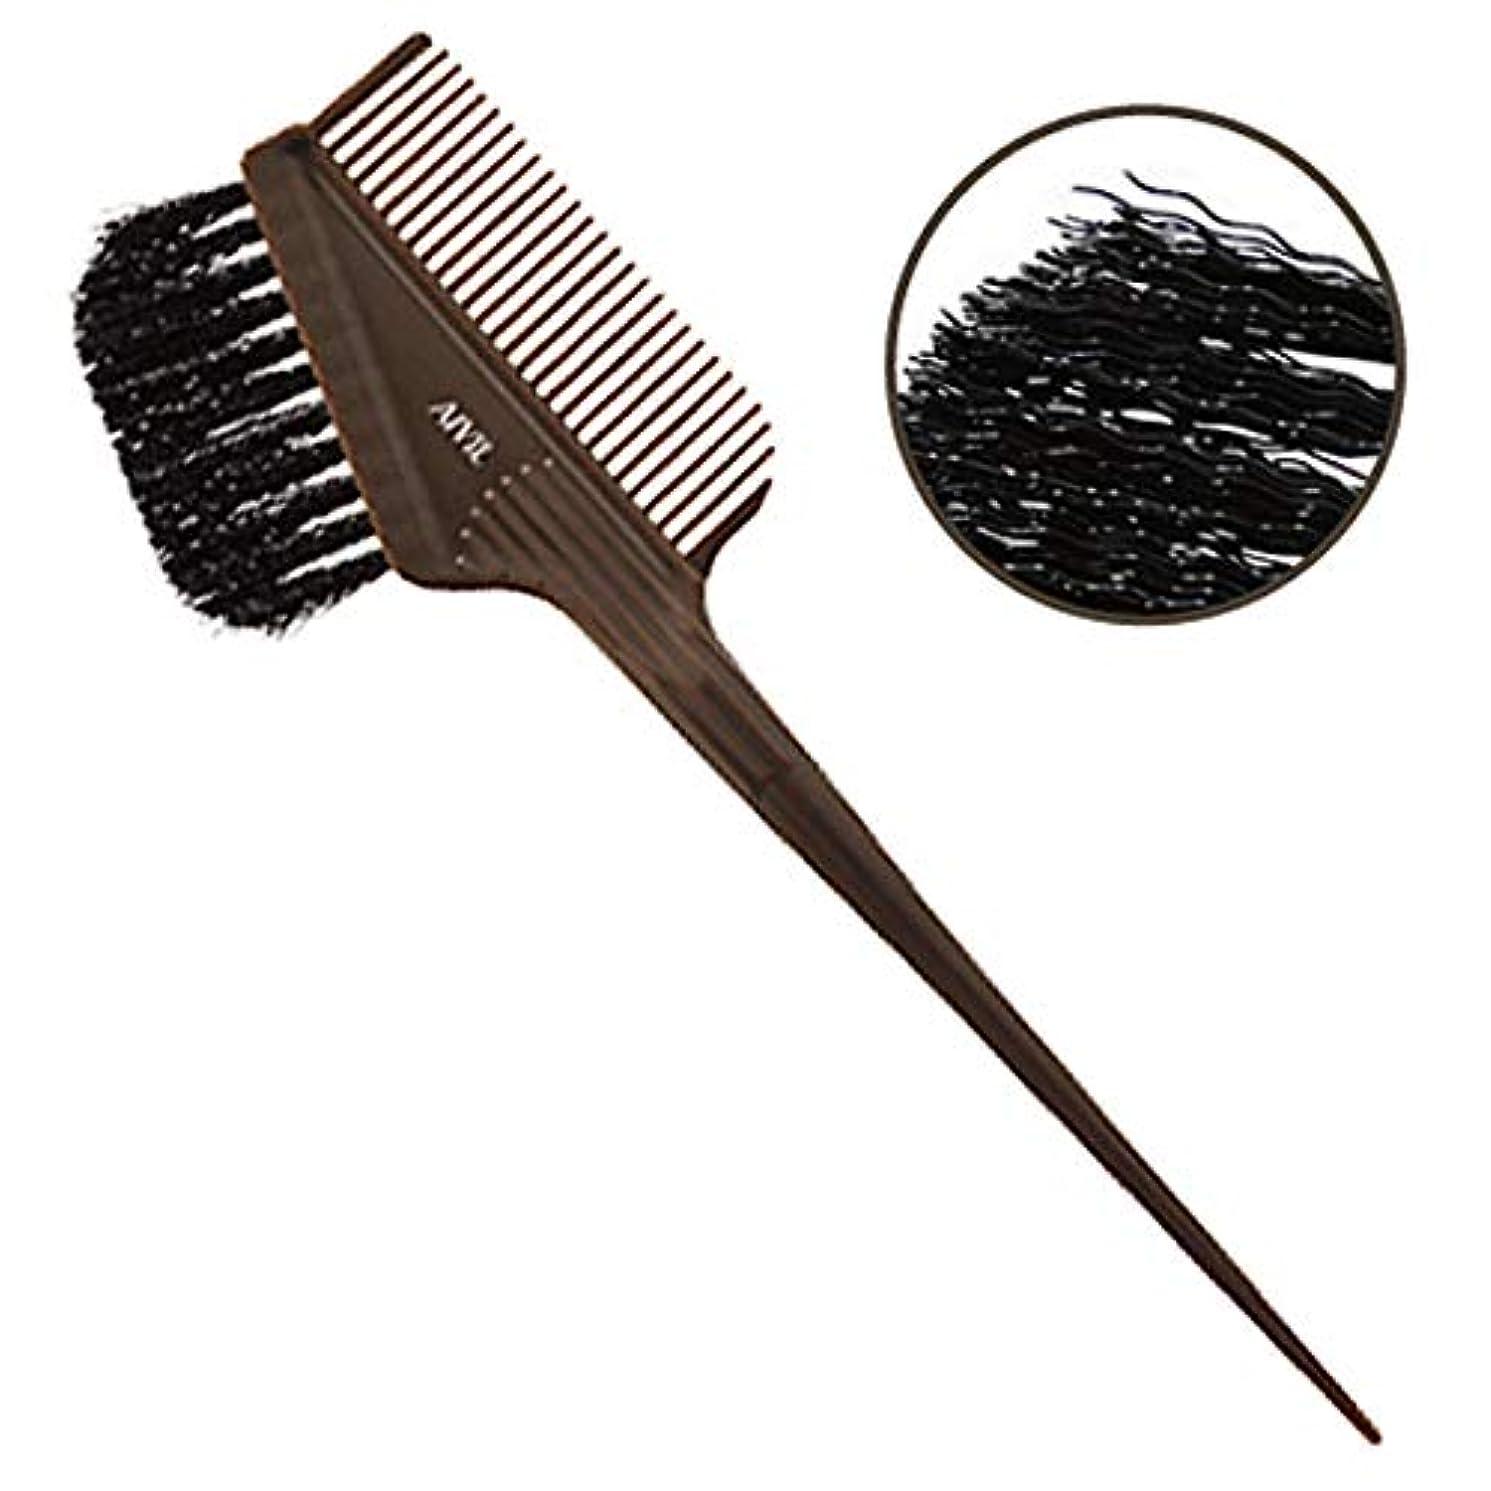 単位ロゴしっとりアイビル ヘアダイブラシ バトン ブラウン ウェーブ毛 刷毛/カラー剤/毛染めブラシ AIVIL